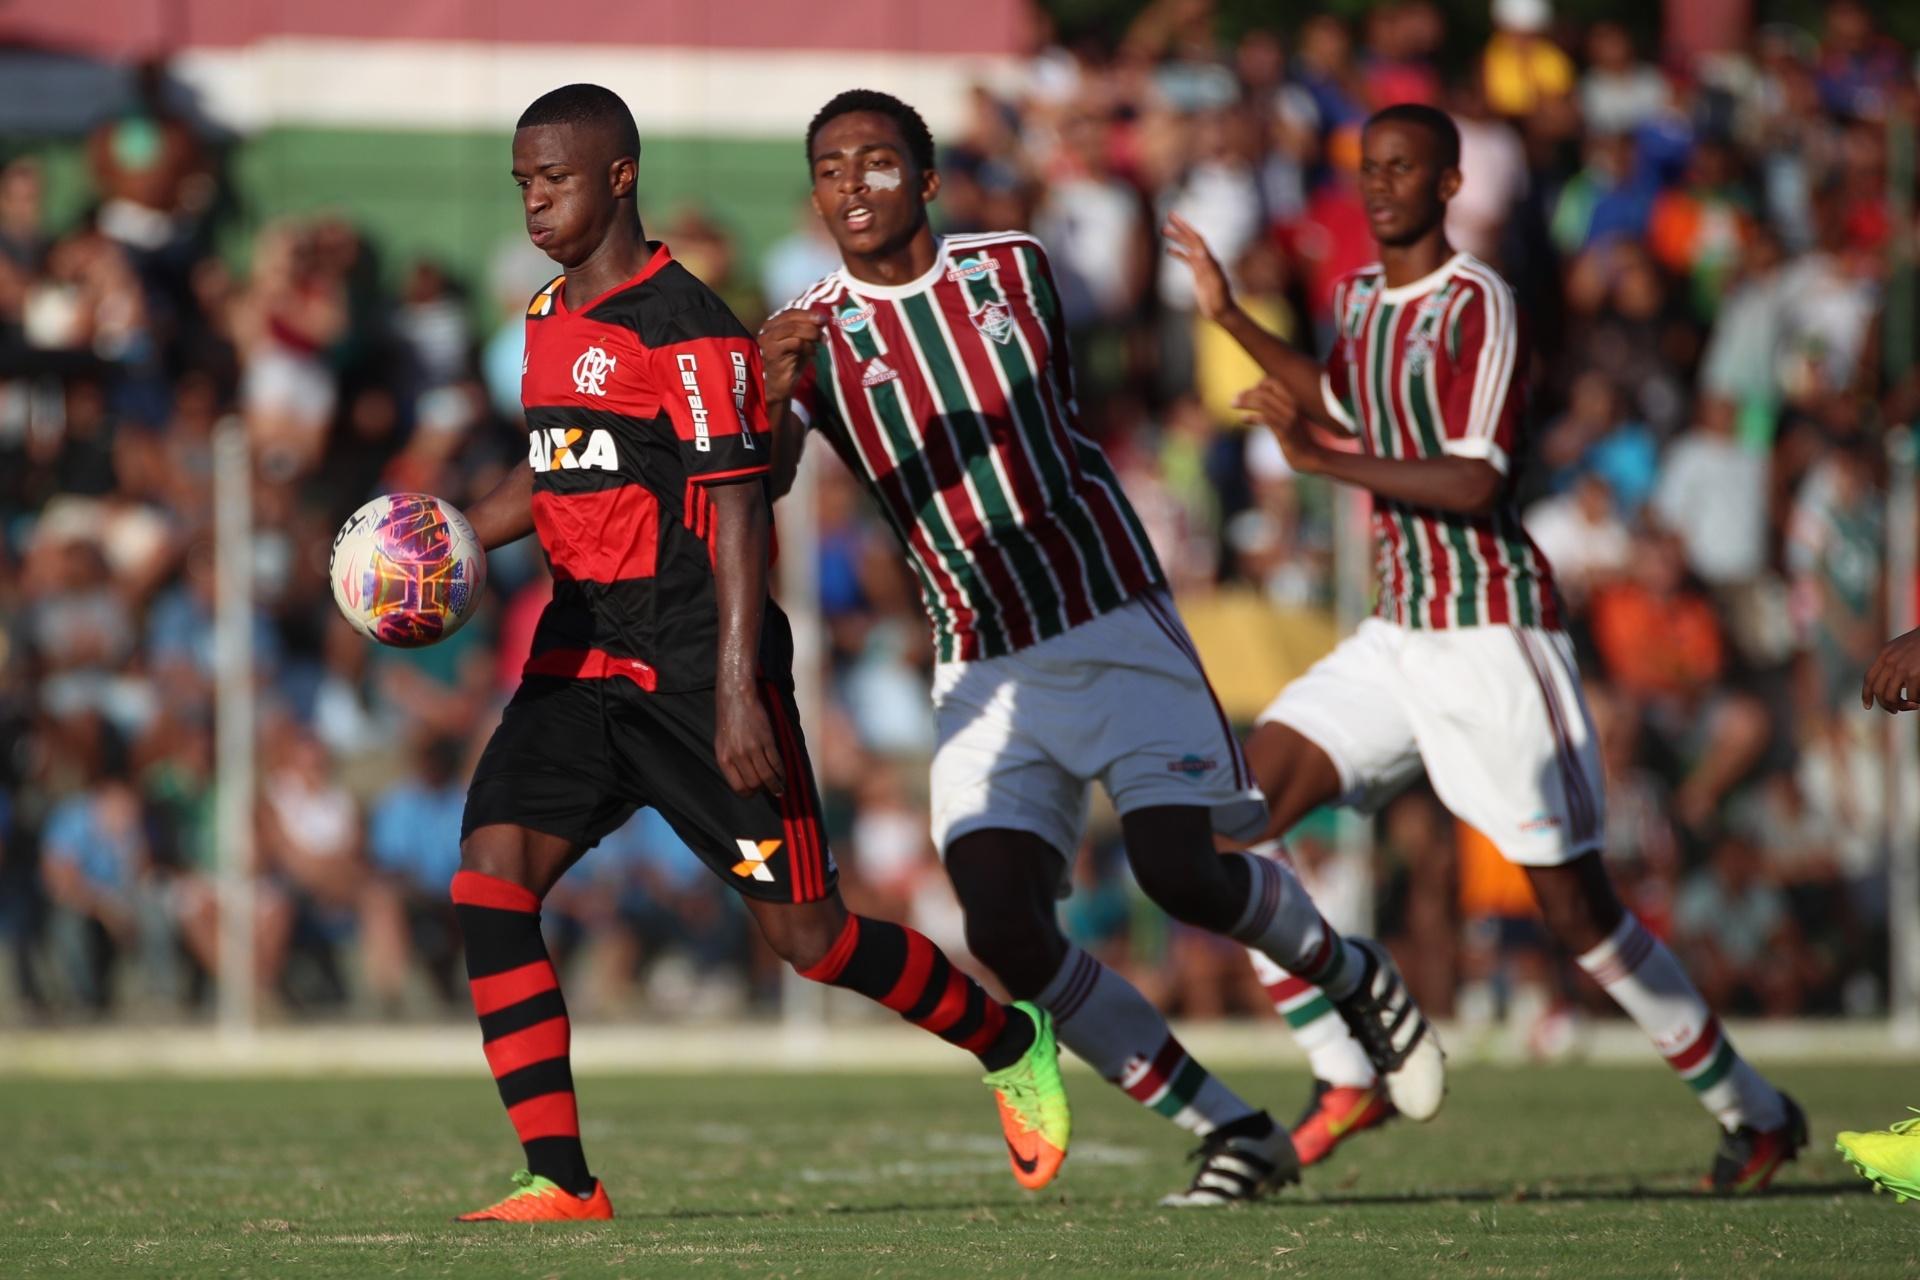 Fla vence Flu três vezes no mesmo dia  Vinicius Jr. brilha pelo sub-20 -  01 04 2017 - UOL Esporte 61f789fbe0574